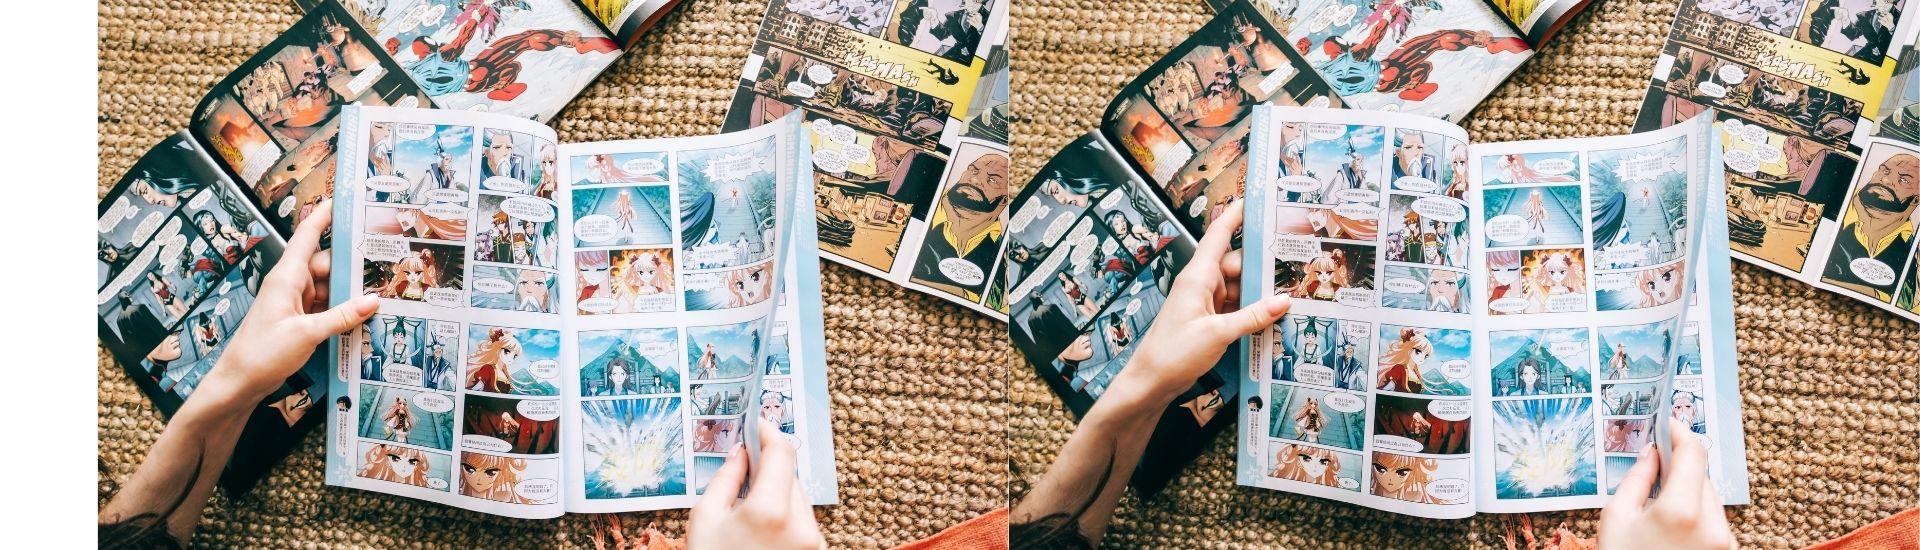 Fotografía de las manos de una mujer con varios libros de manga en sus manos, sobre una alfombra